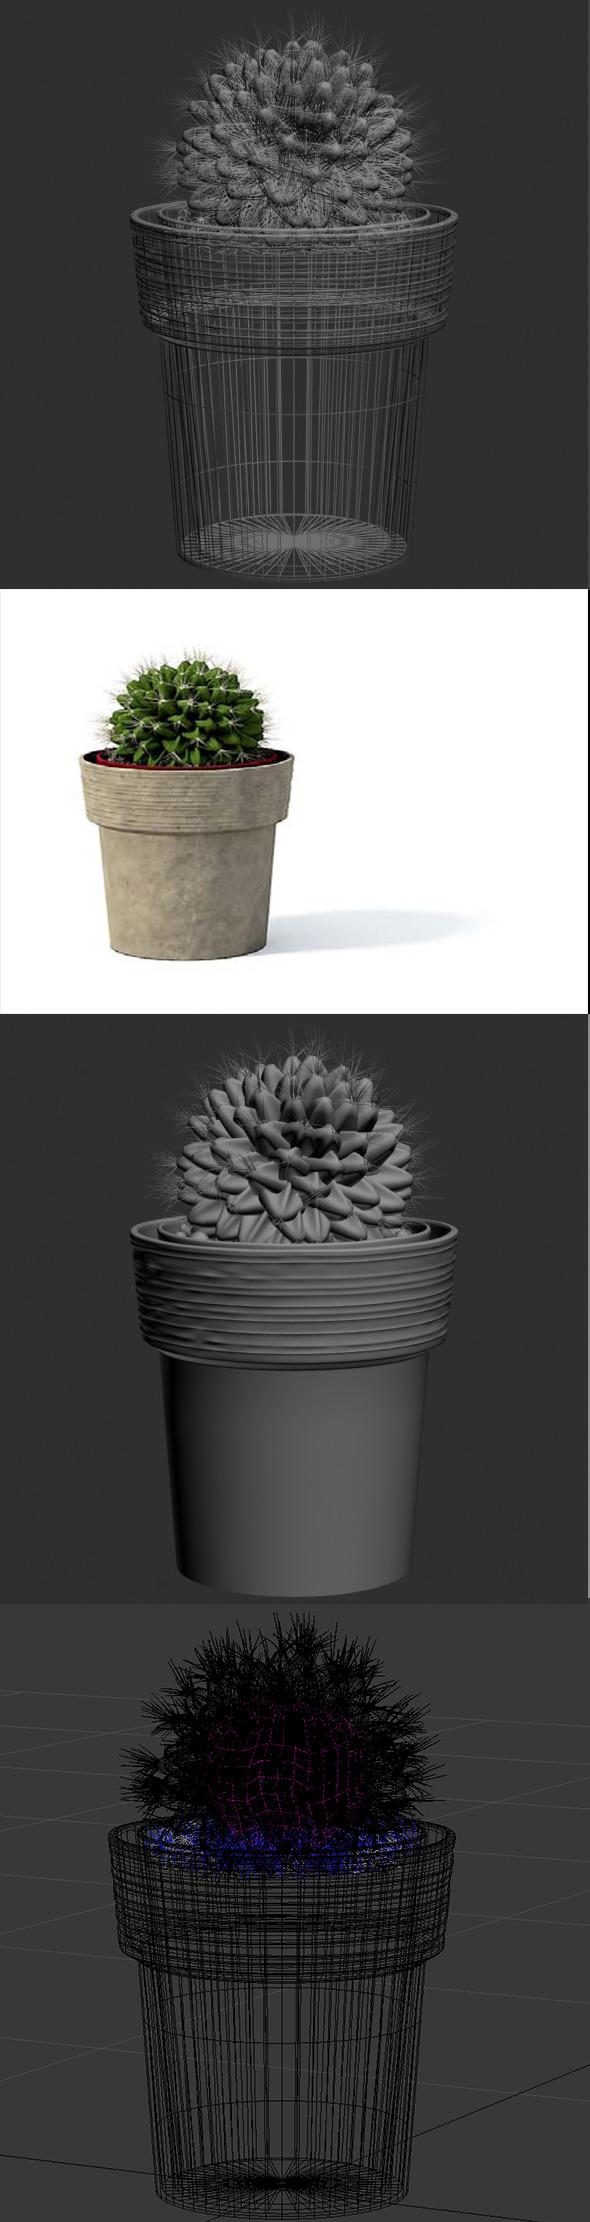 3D Cactus pot plant model 2 - 3DOcean Item for Sale